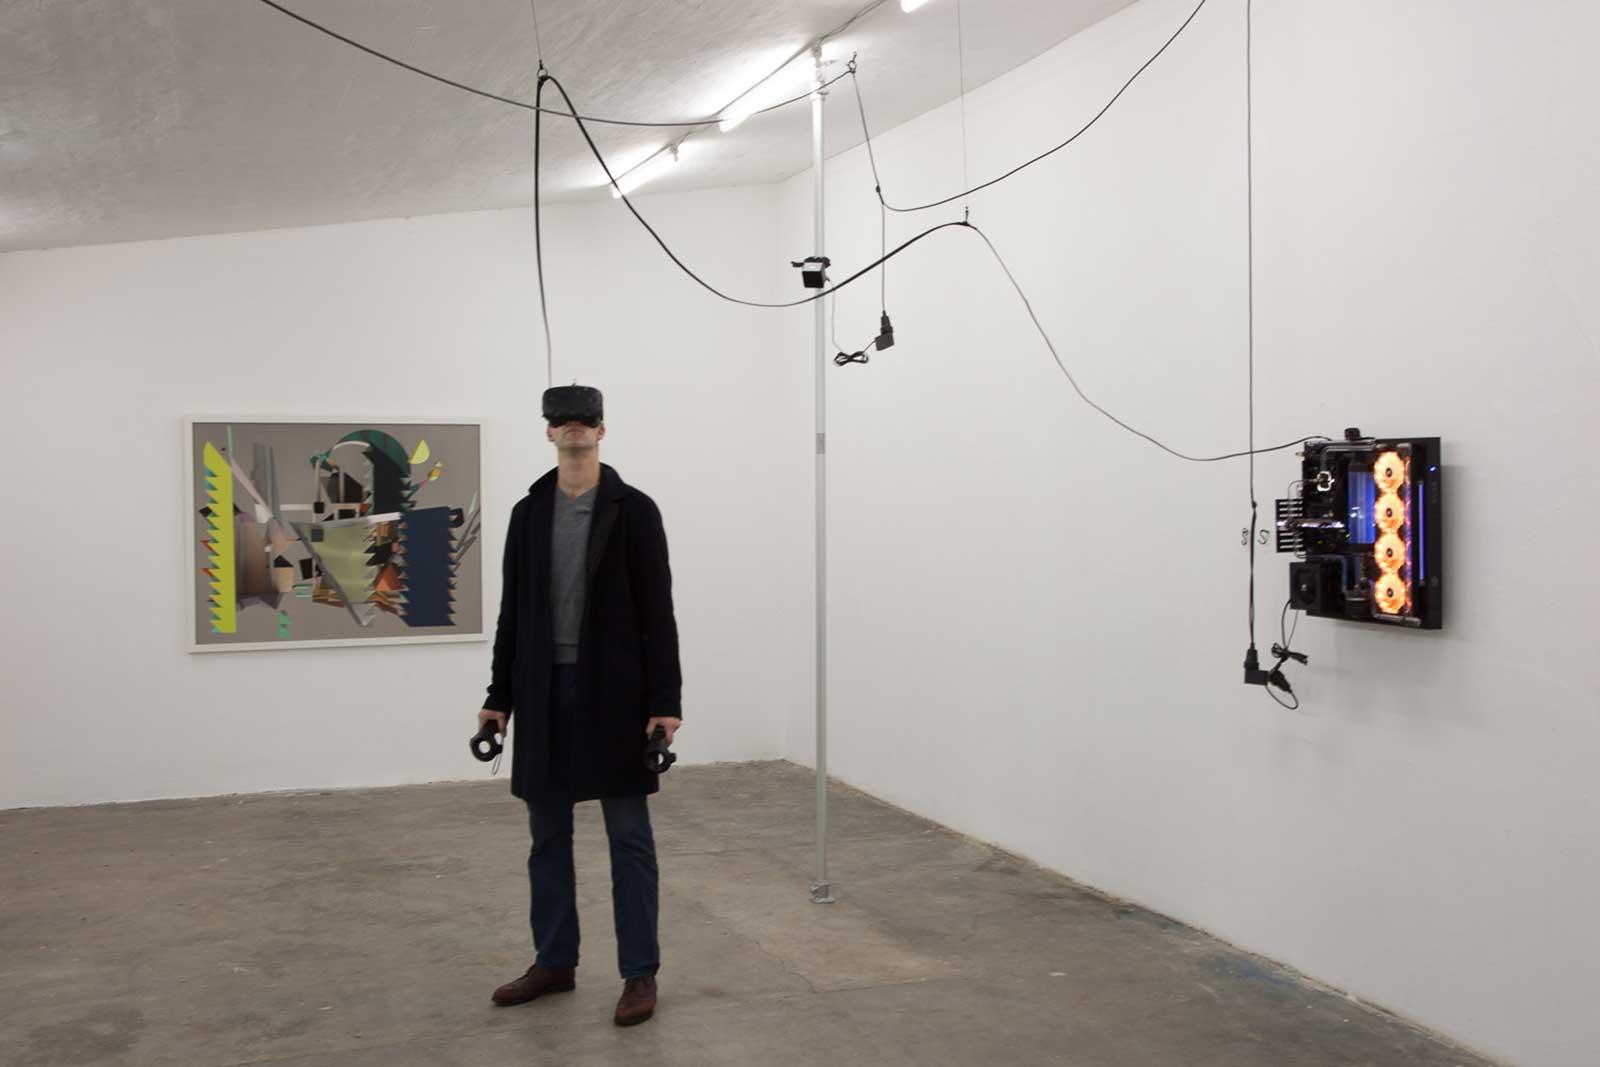 VR 01 Mercury, Parkhaus im Malkastenpark, Exhibition View